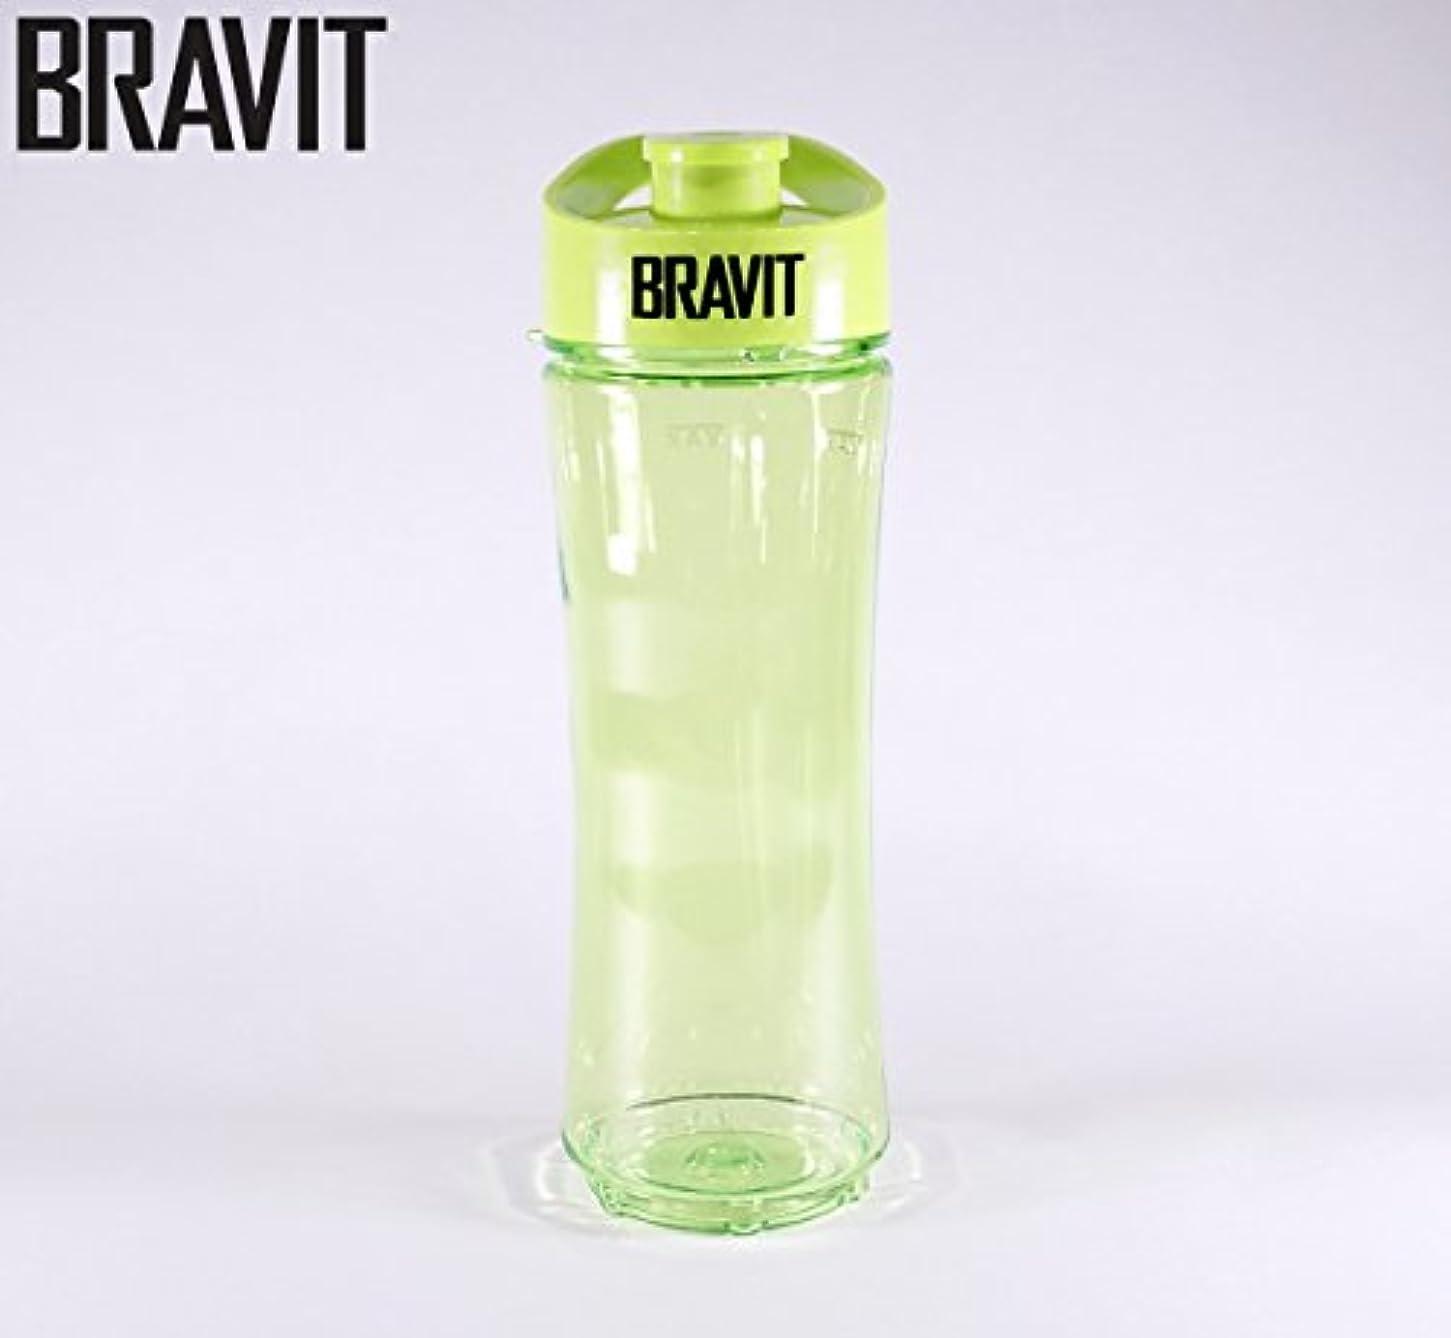 素敵な戦争樹木BRAVIT Personal Sports Bottle, Smoothie, Shake Maker with Travel Lead for BRAVIT Personal Sports Blender by BRAVIT